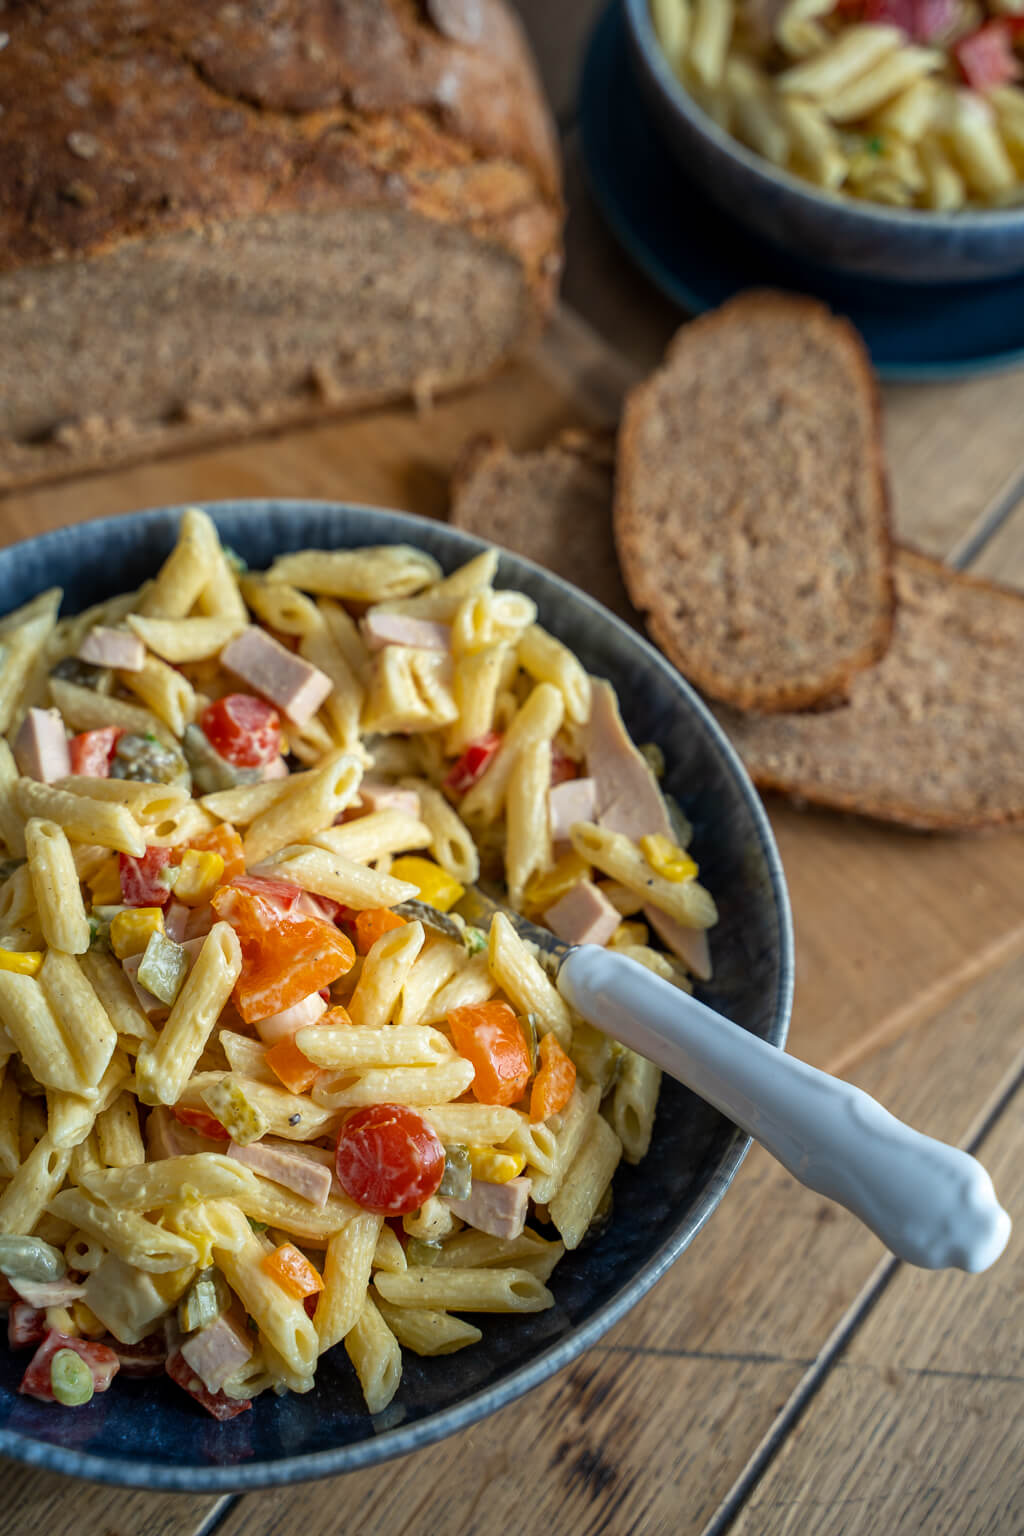 Nudelsalat mit Fleischwurst und Mayo